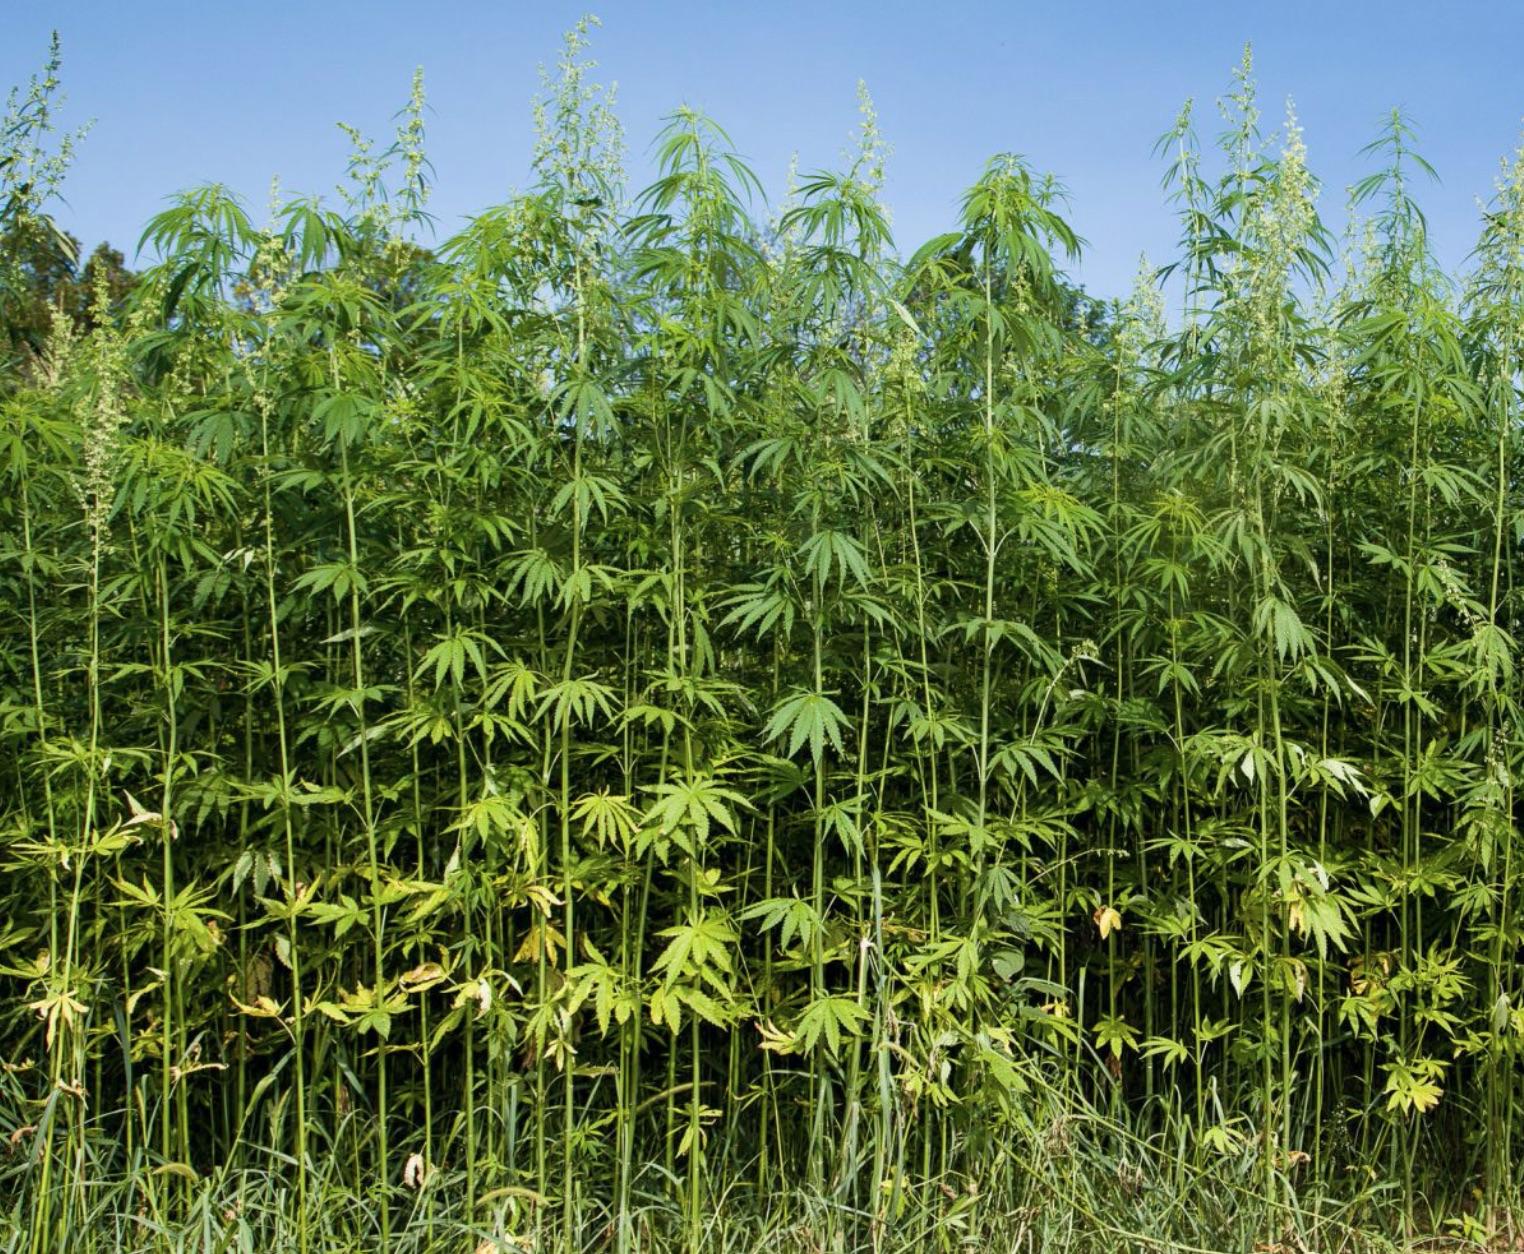 Commercial hemp law passes Alaska legislature, 58-2